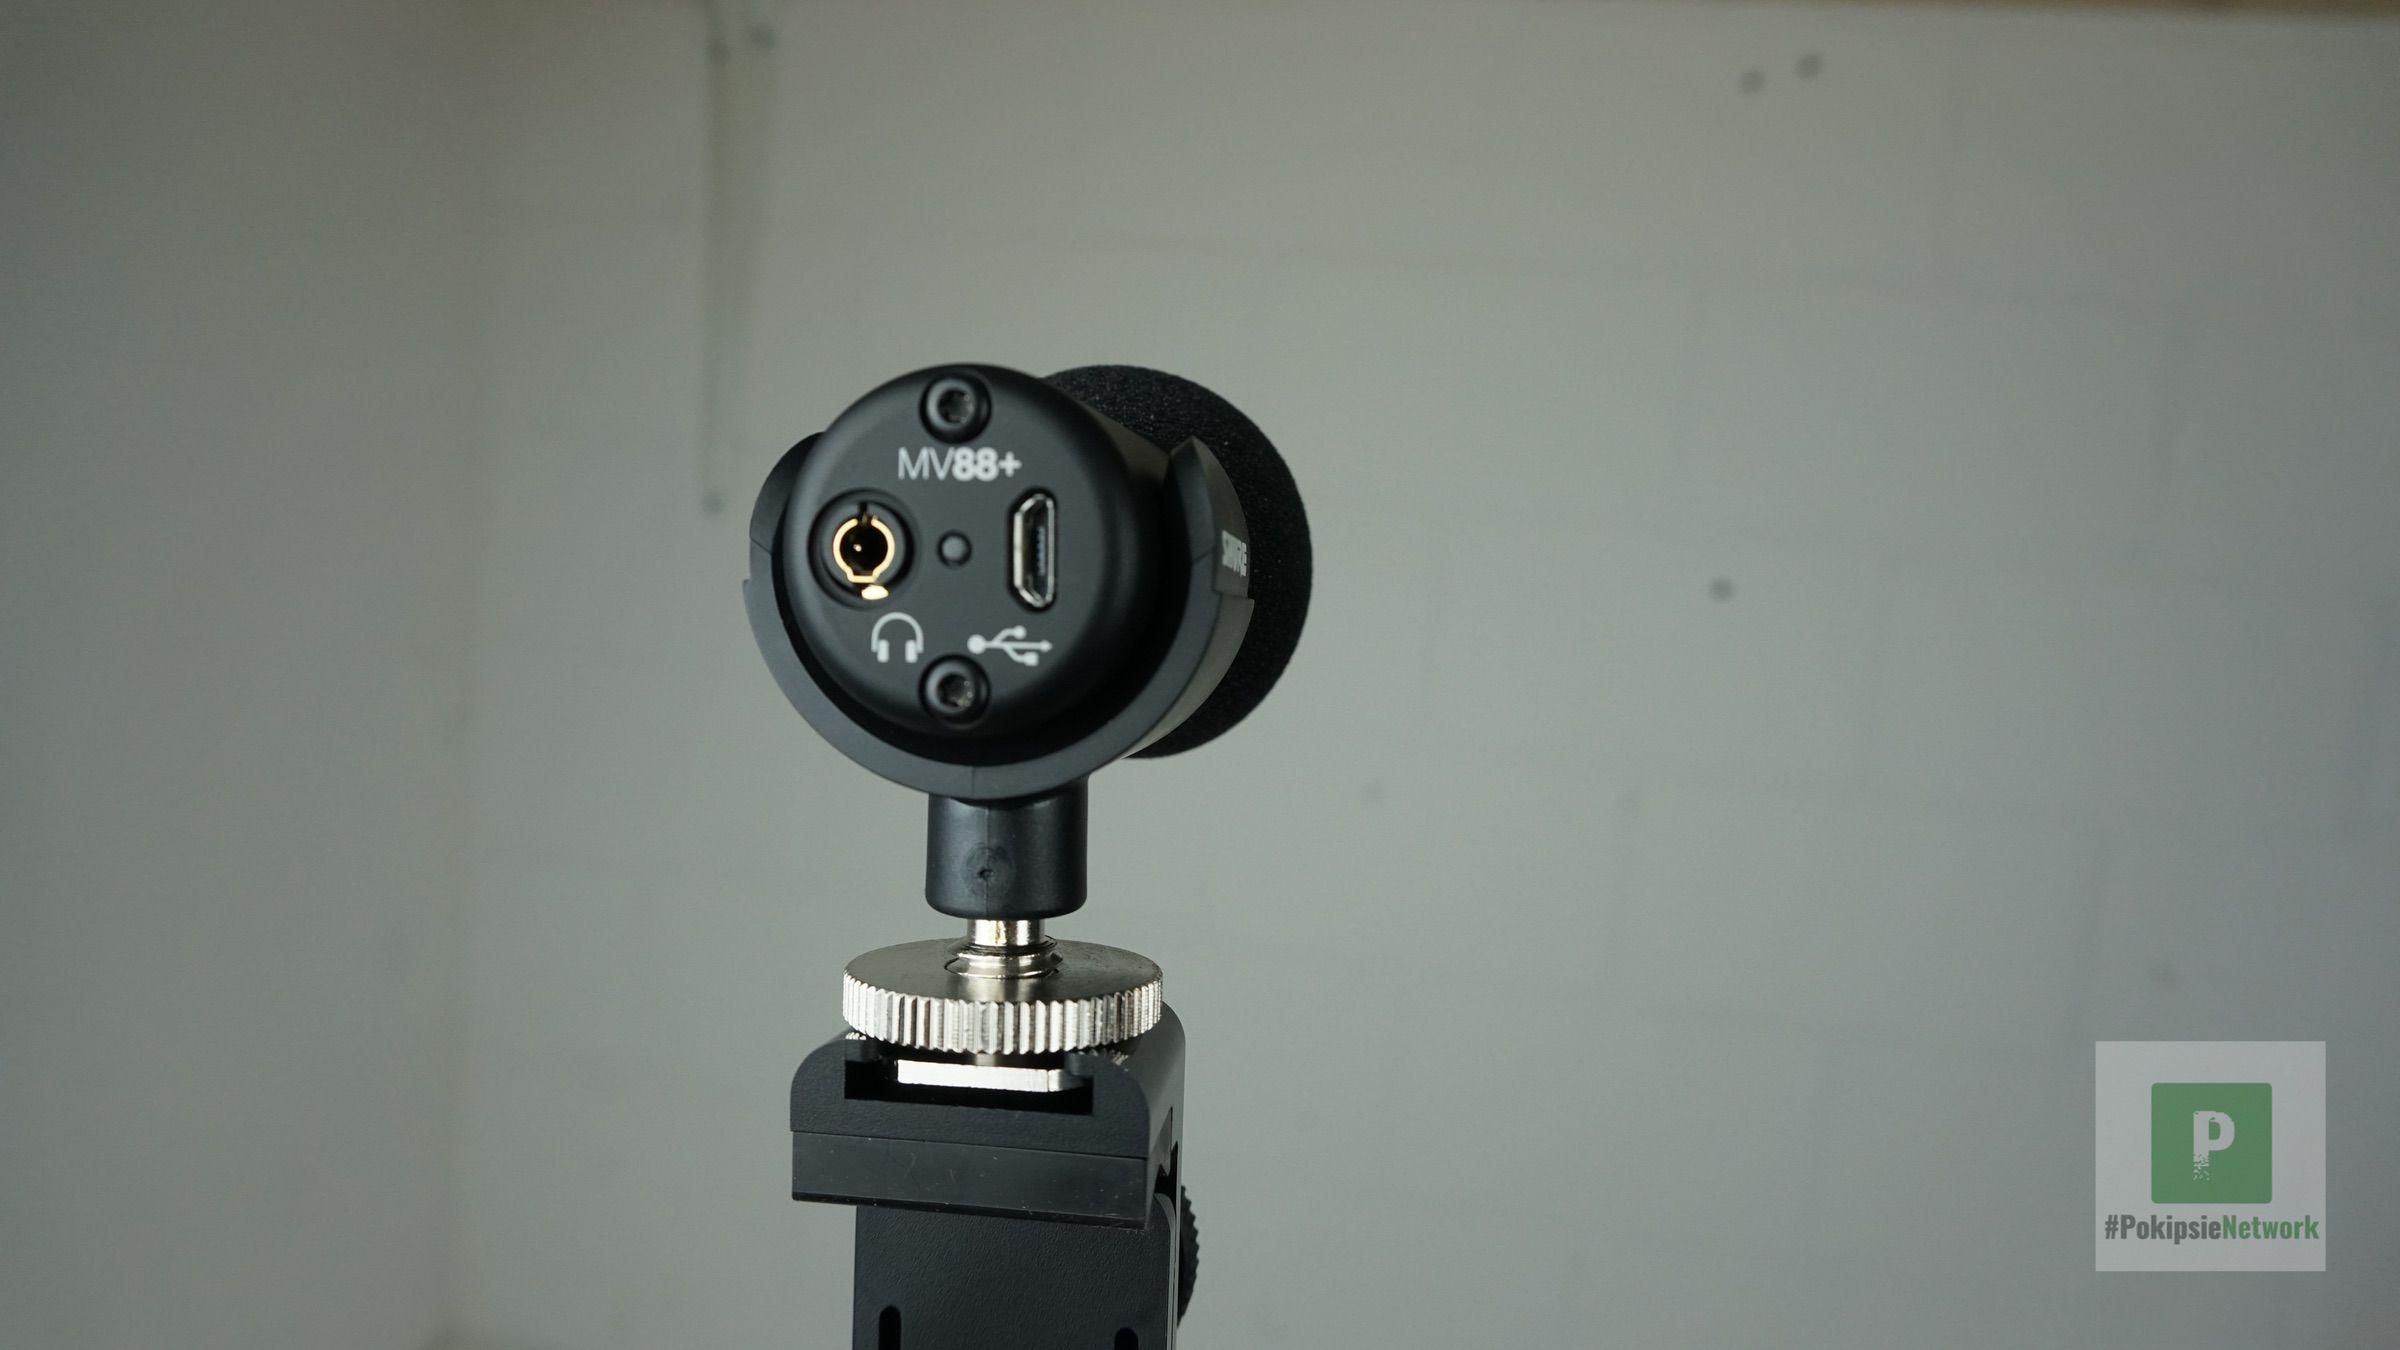 Der 3.5 mm Klinken- und microUSB-Port auf der Rückseite